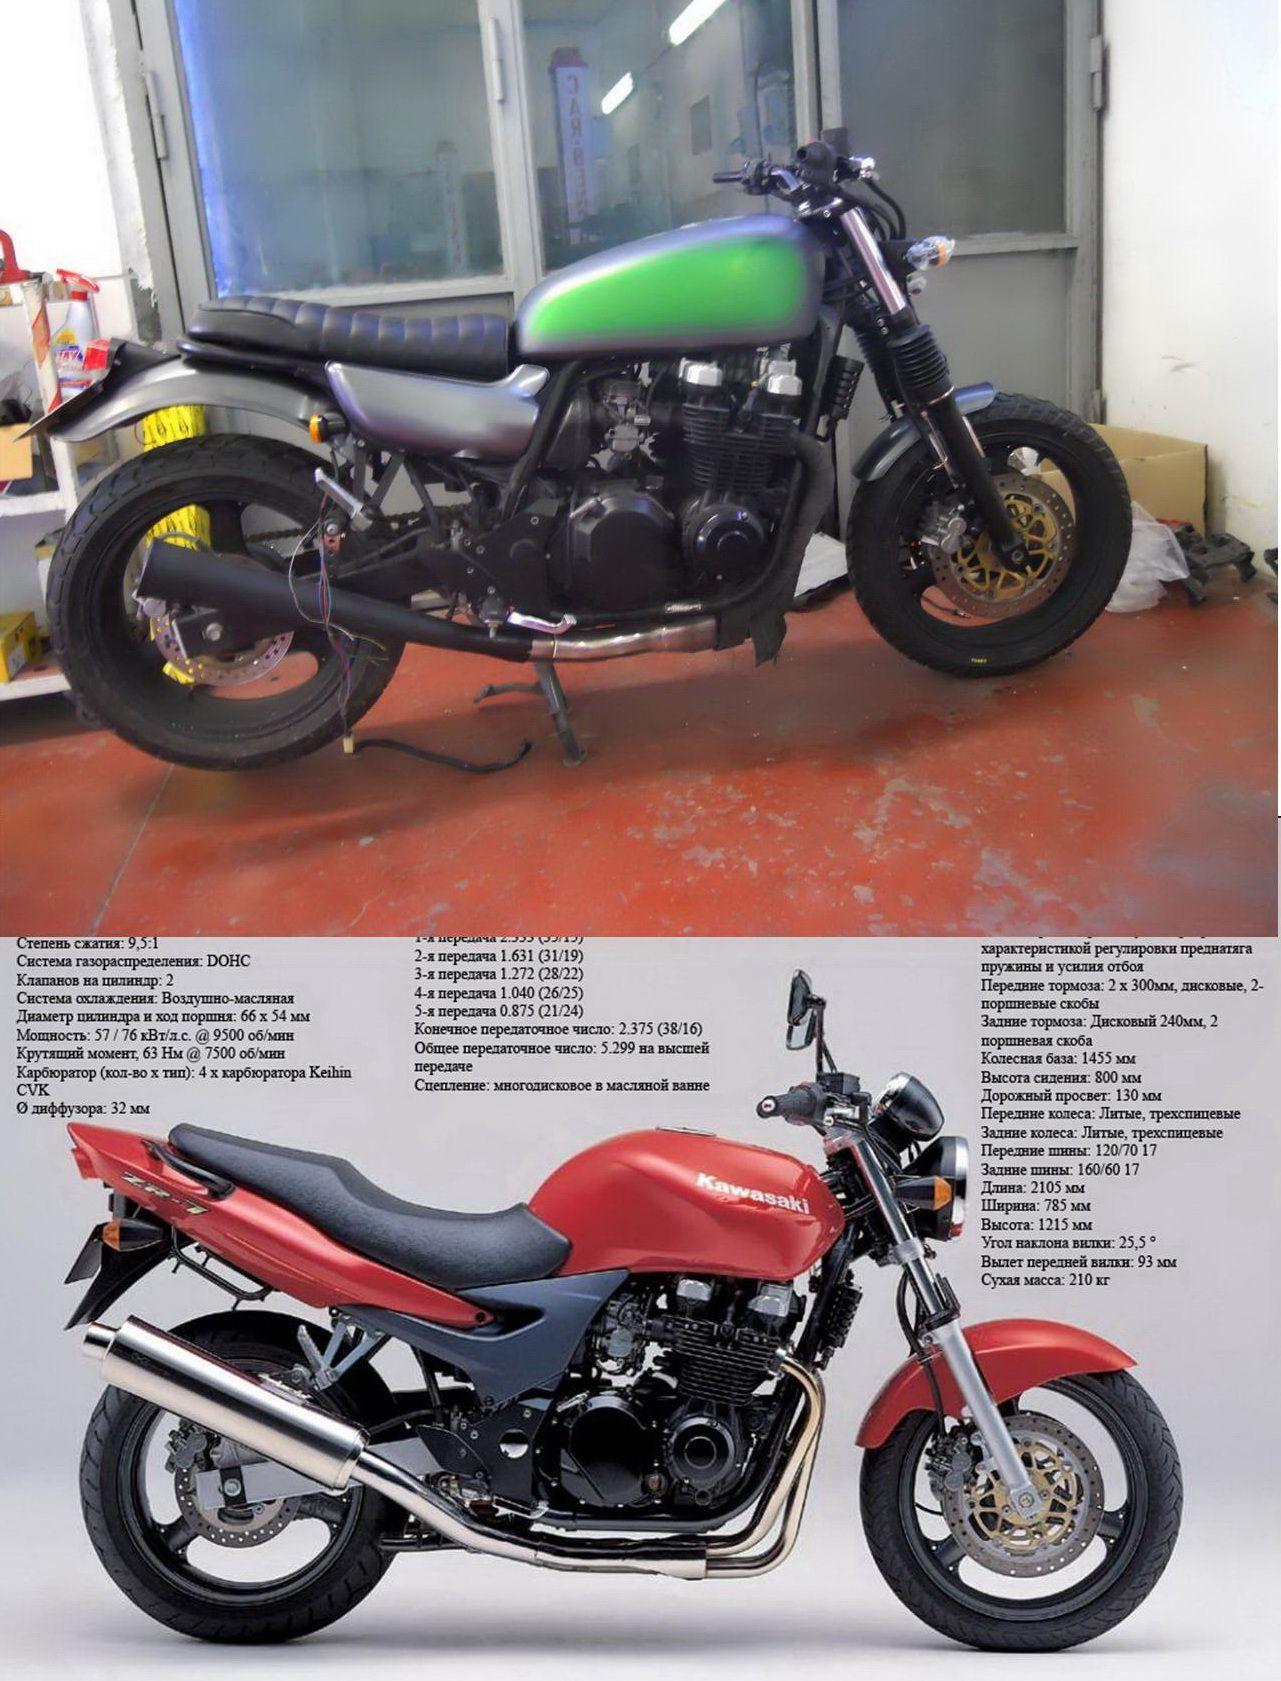 выбор hondacb750 или kawasaki zr7 что выбрать